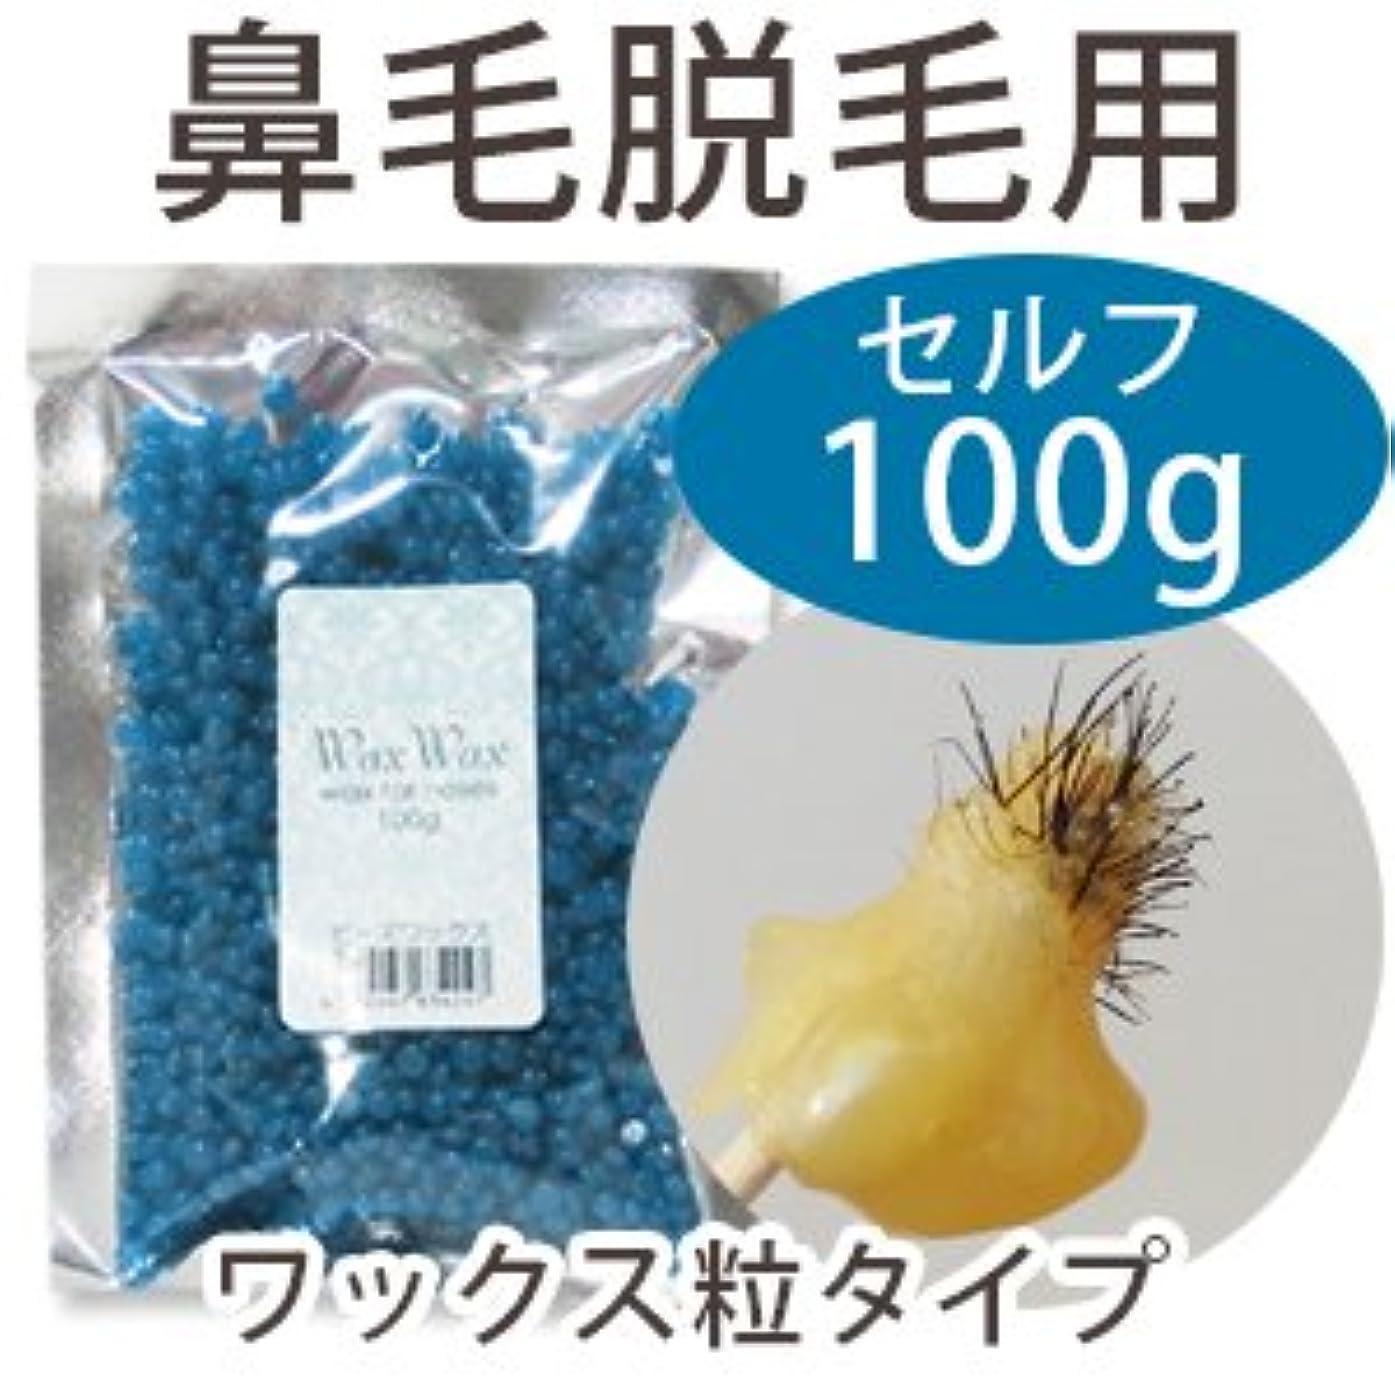 パンオーバーコート腕鼻毛 産毛 脱毛 ビーズ ワックス (ブルー 100g)